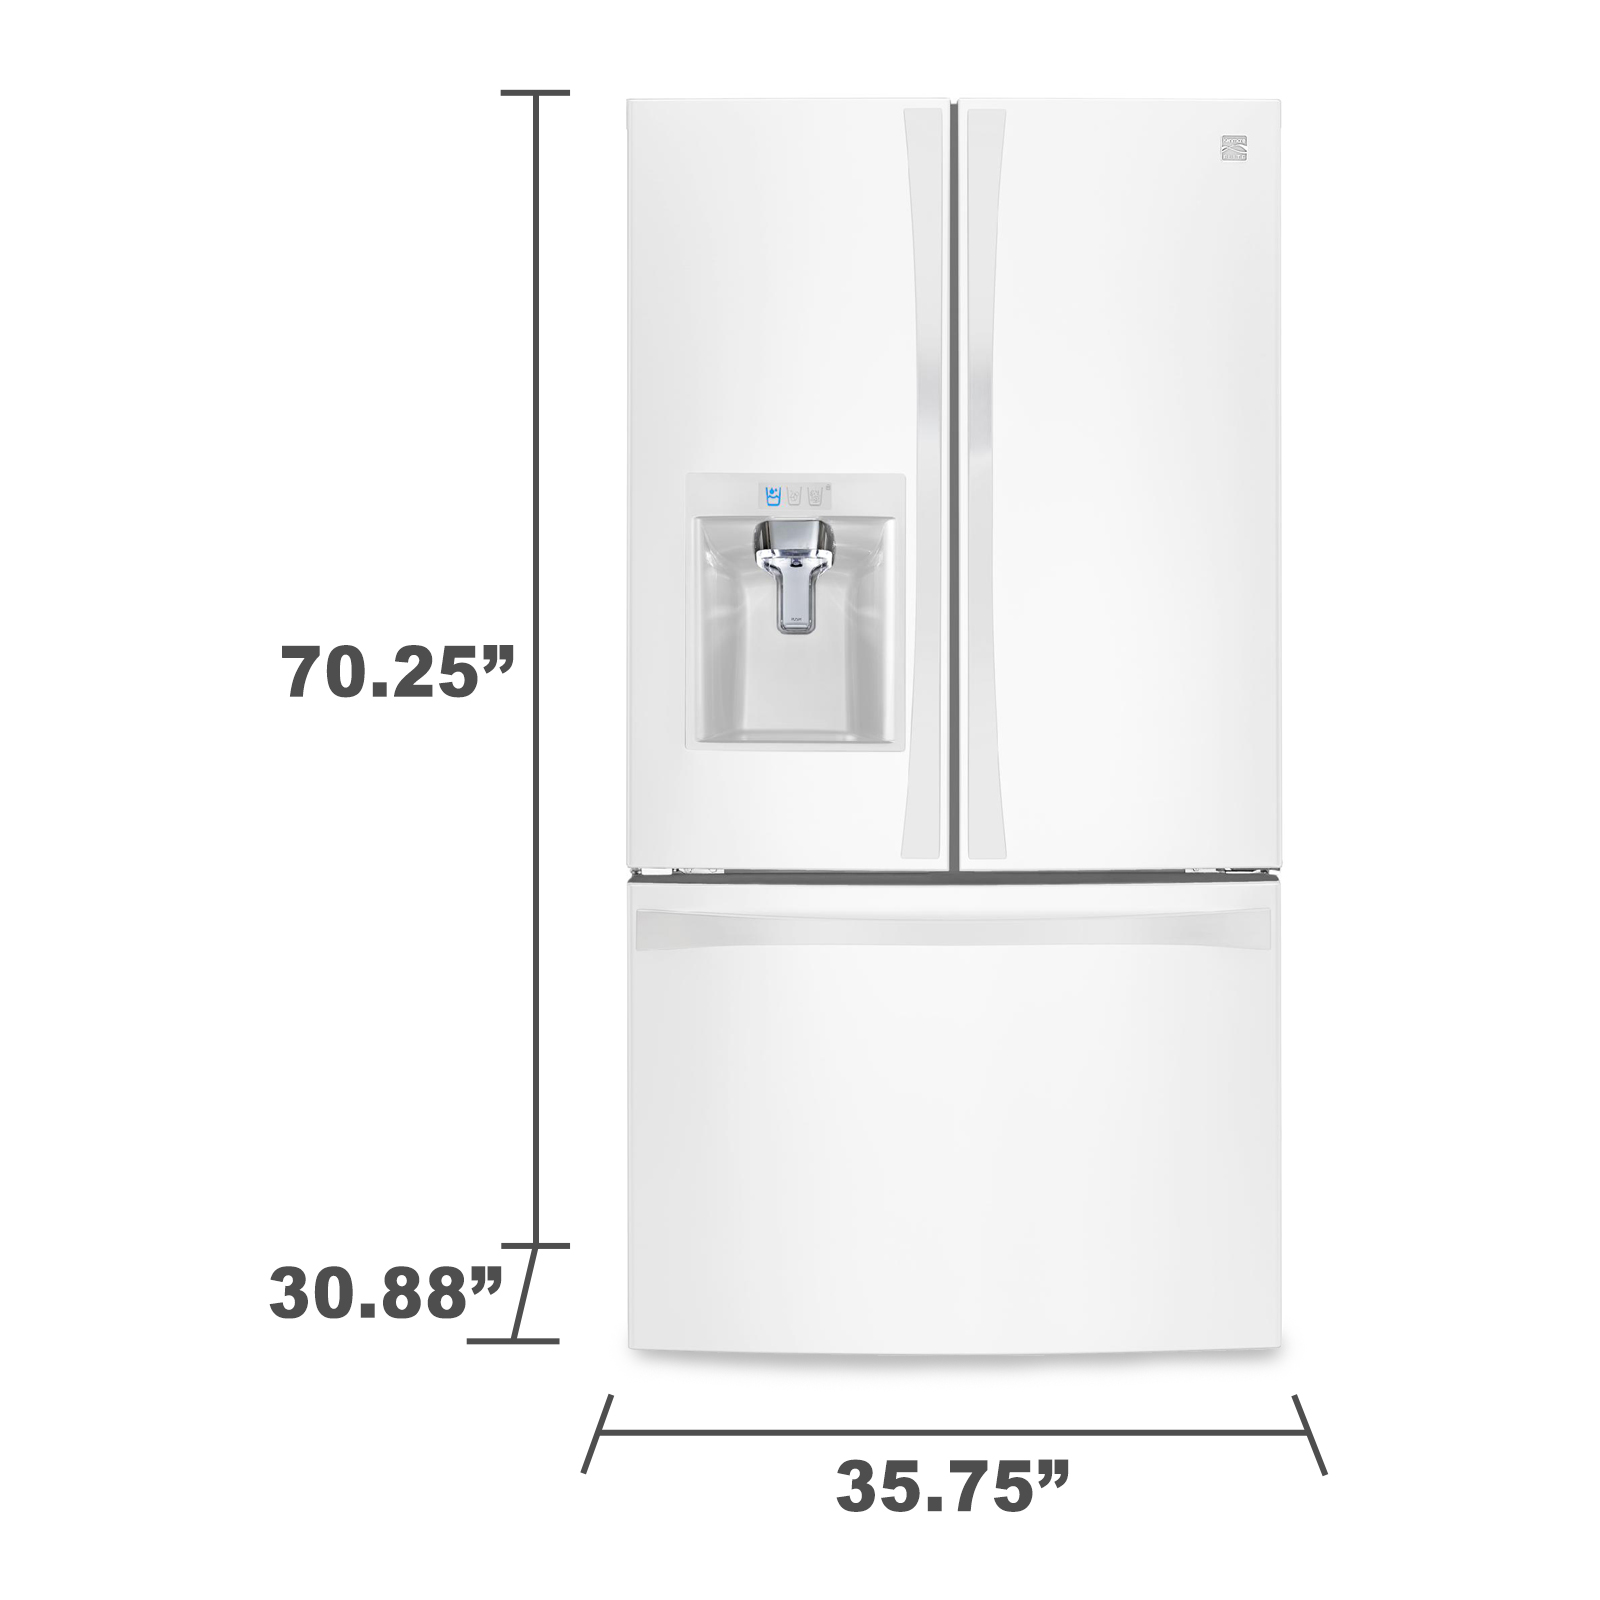 Kenmore Elite 74042 23.7 cu.ft. Counter-Depth French Door Bottom-Freezer Refrigerator